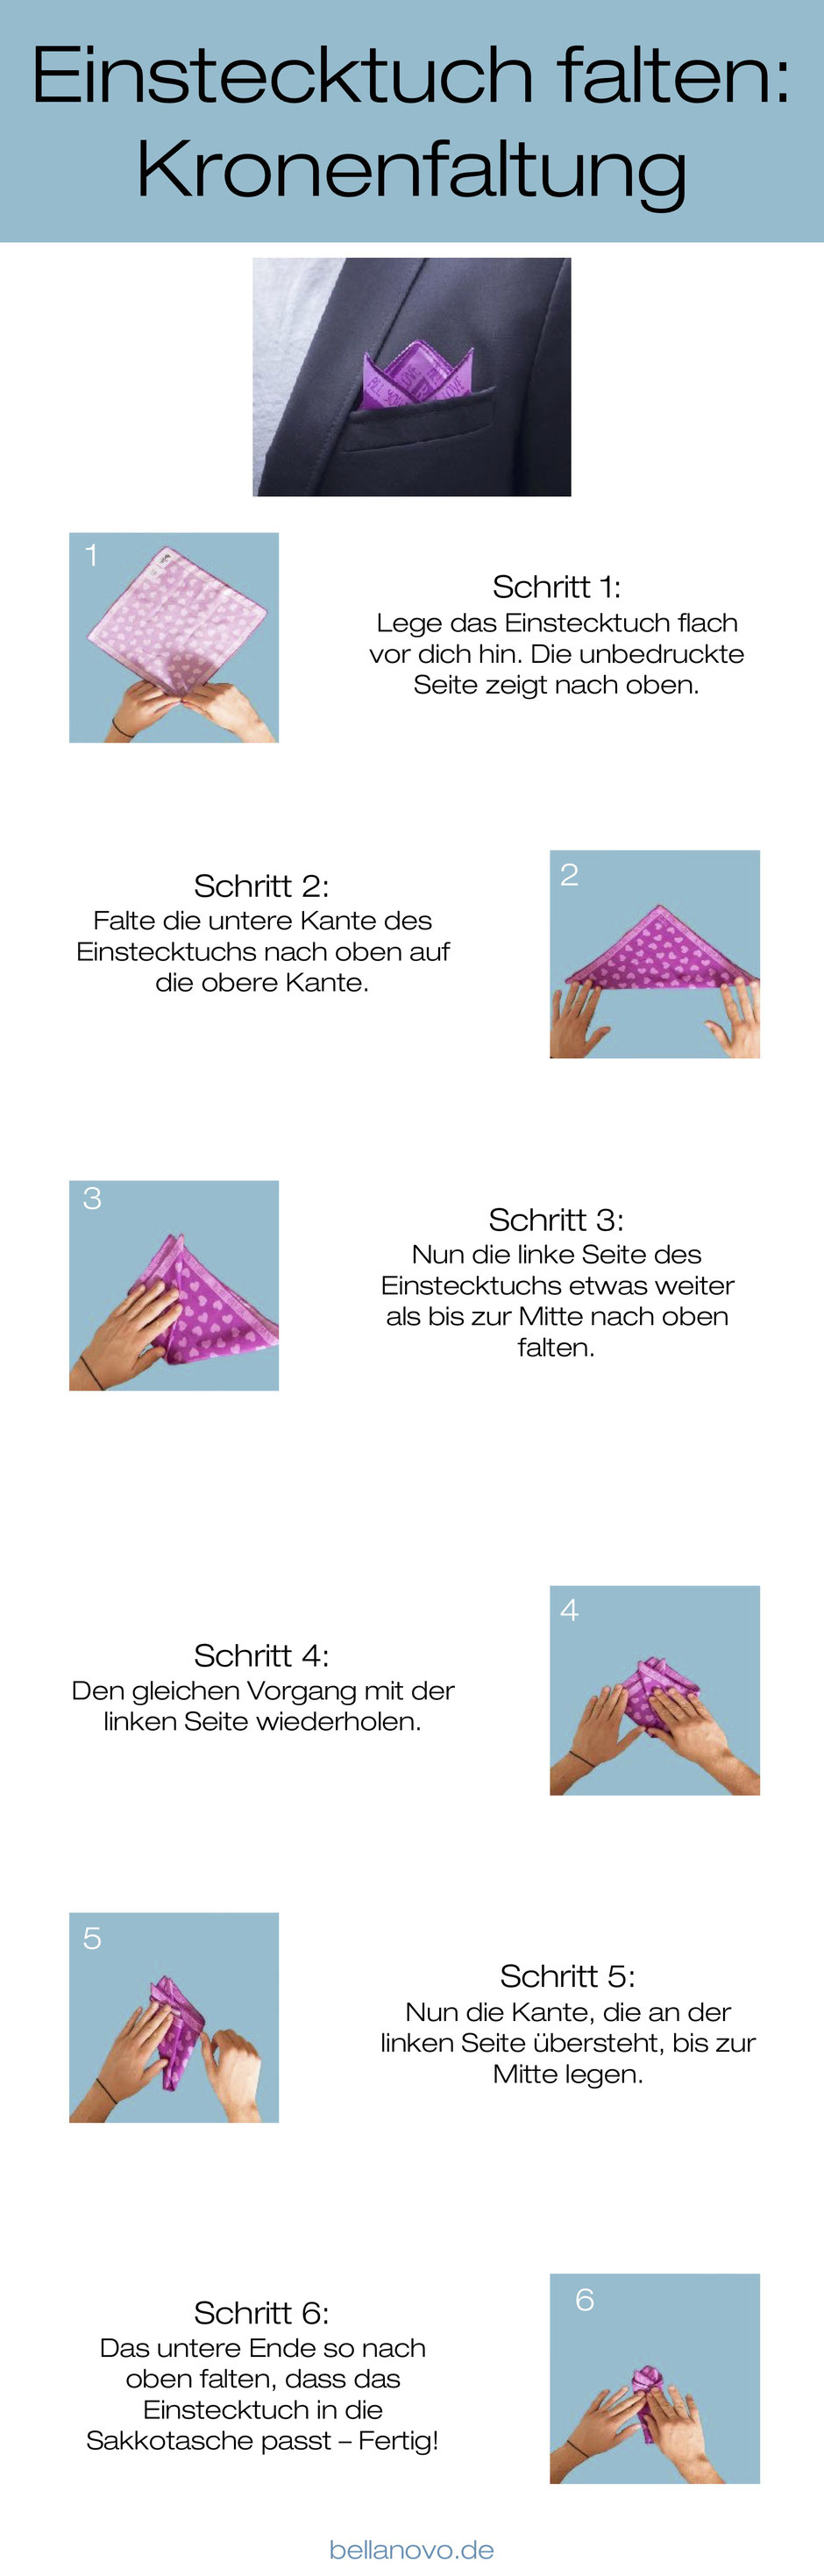 Anleitung Einstecktuch falten: Kronenfaltung